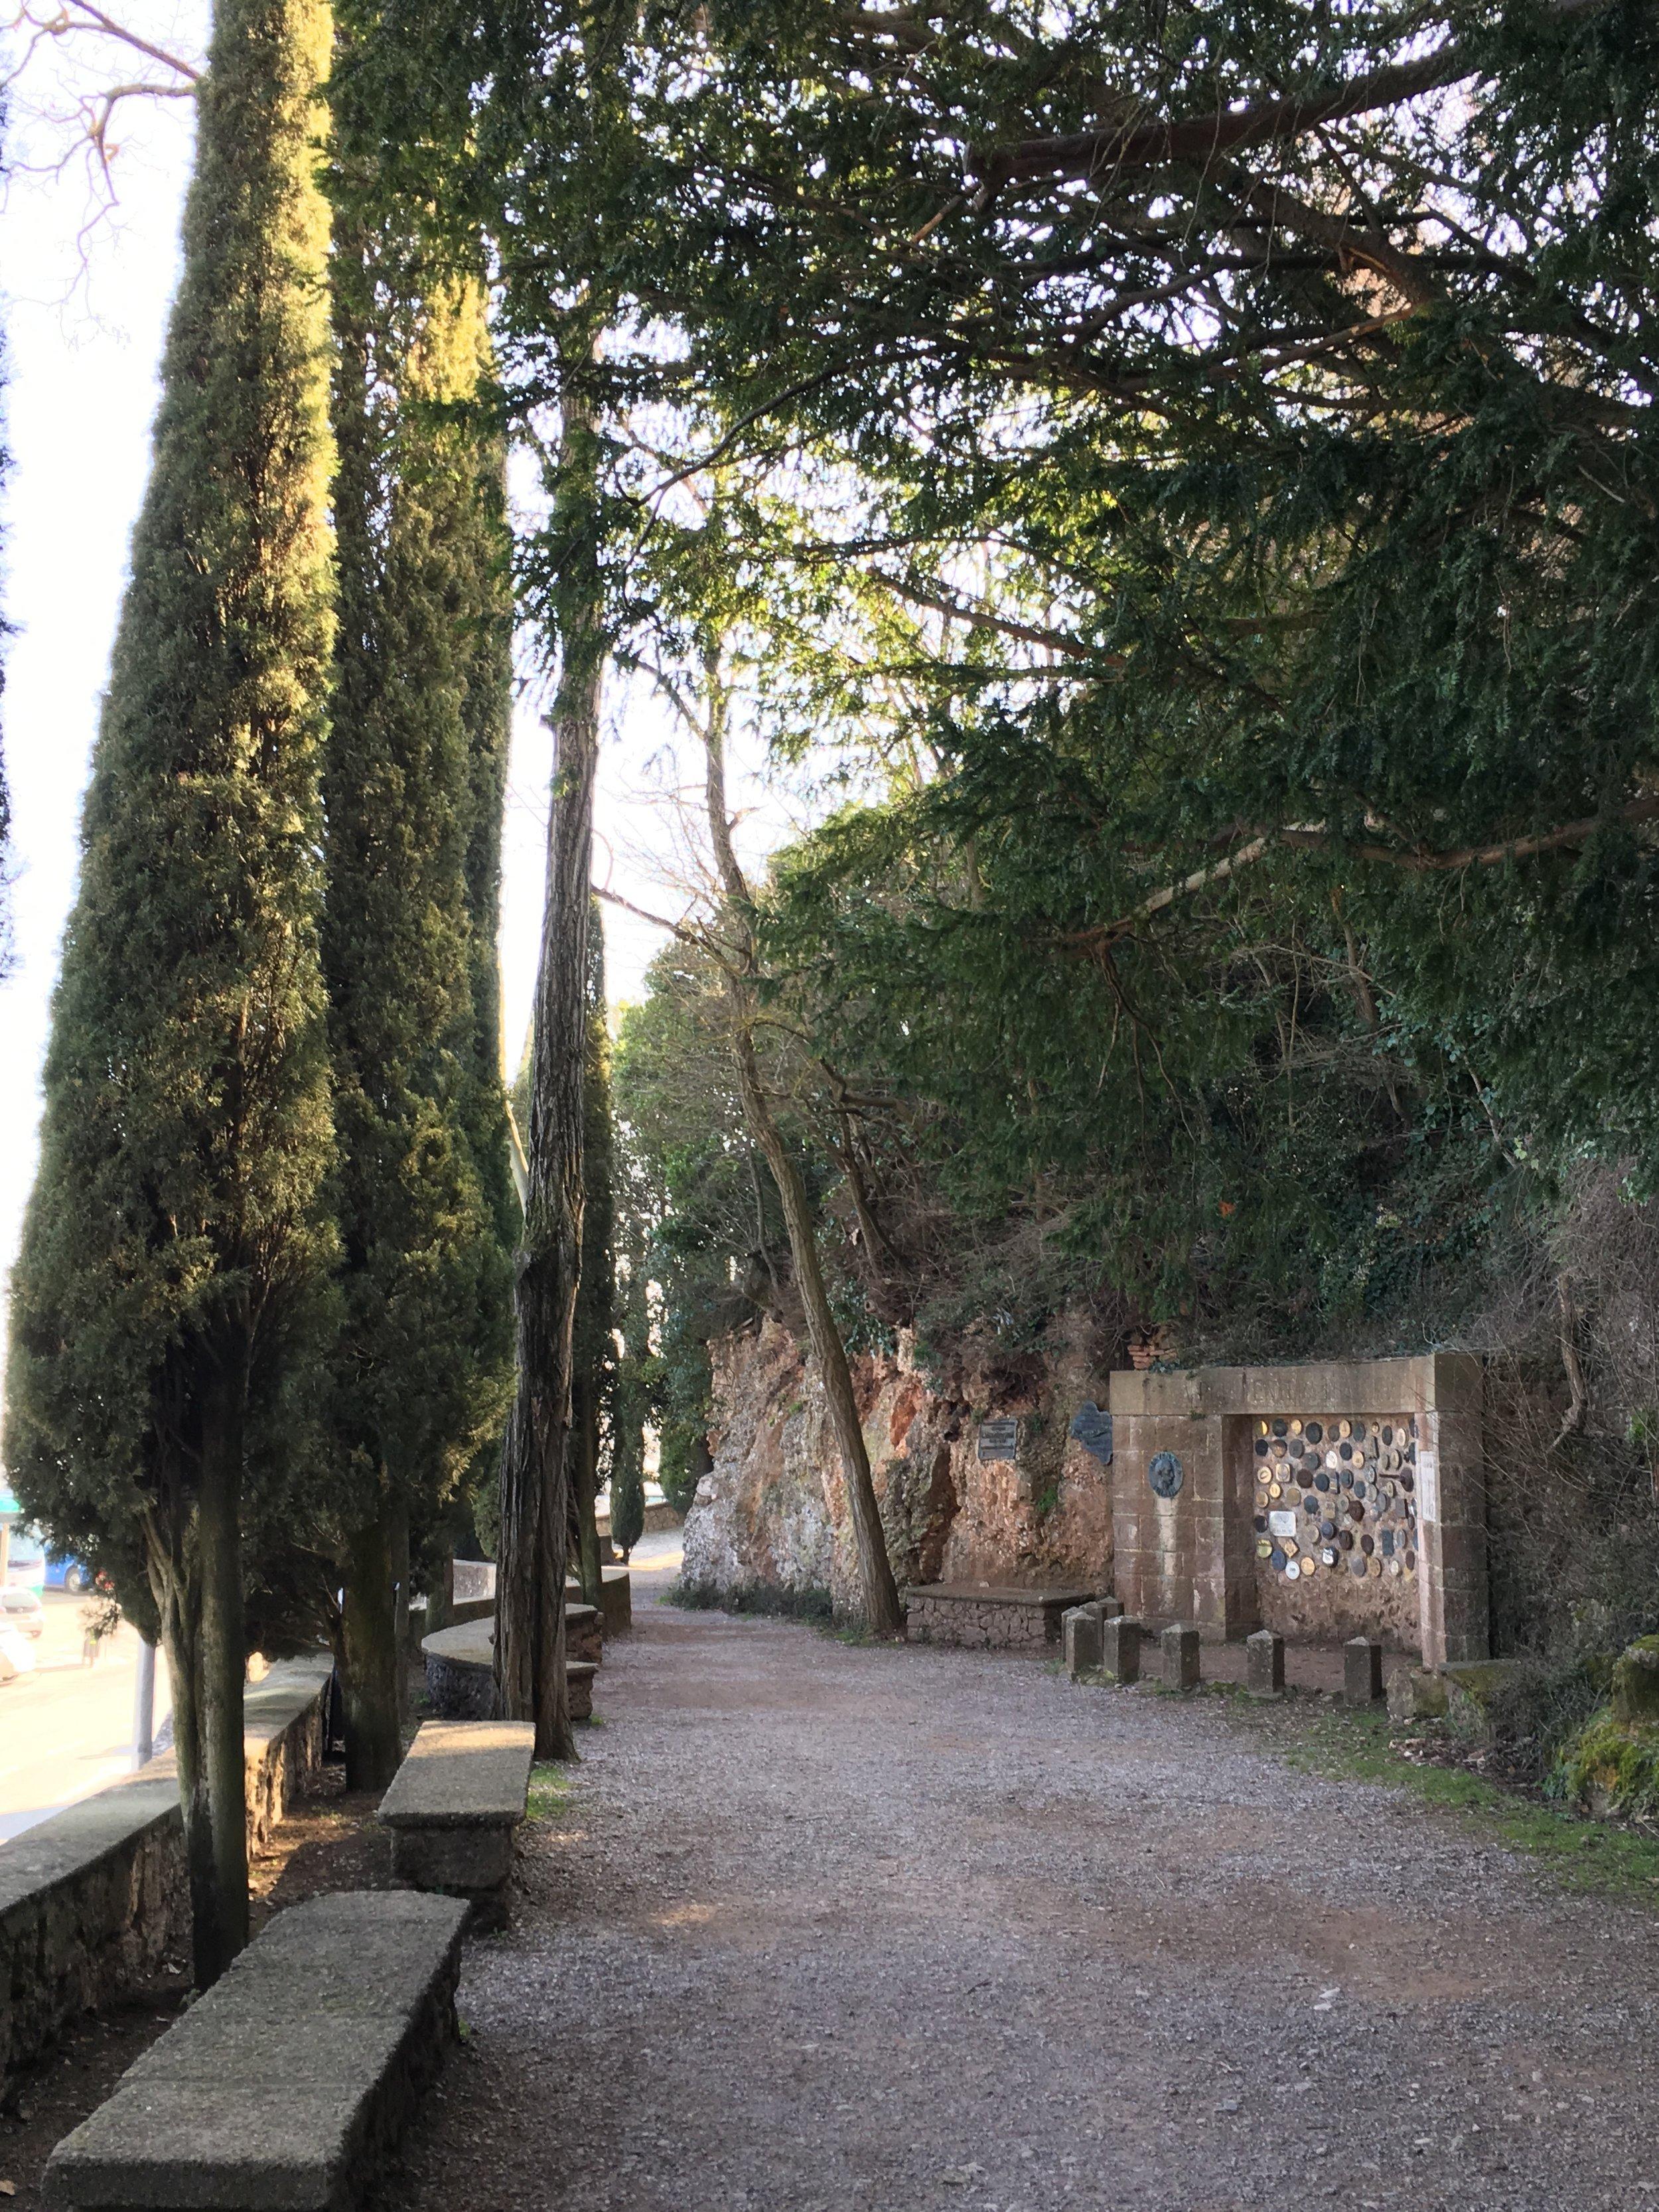 The Abbey's garden path